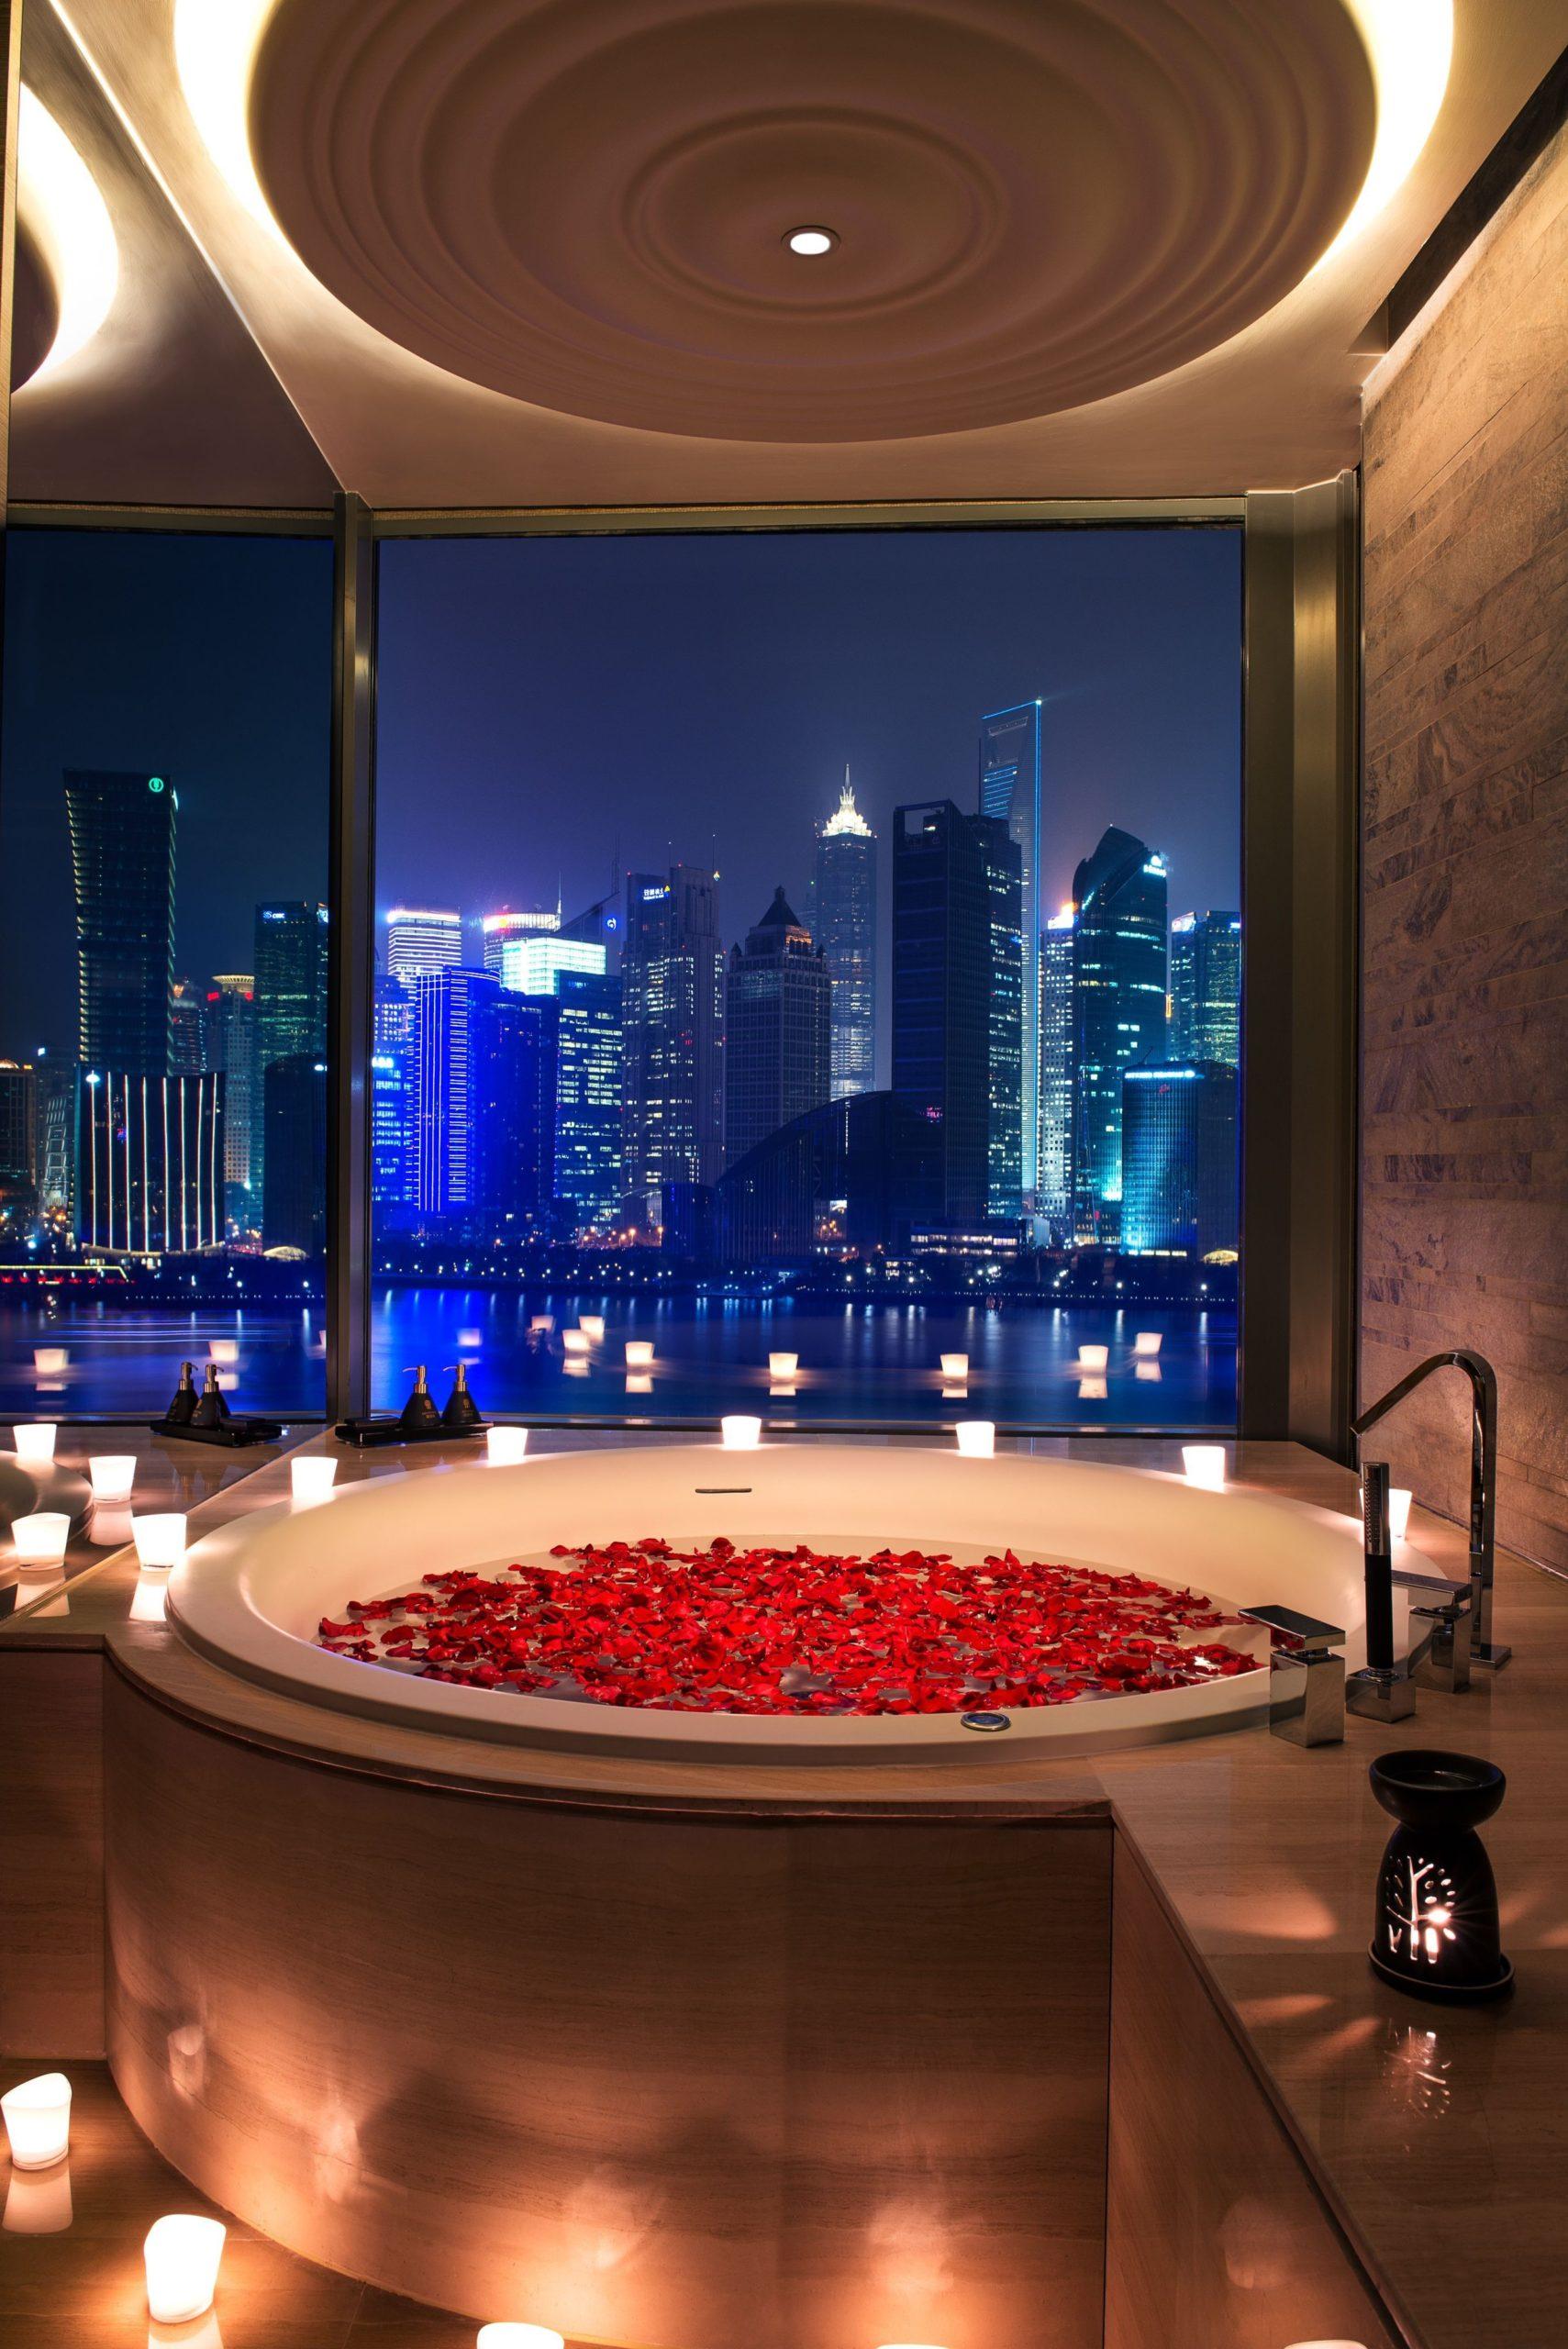 Atmosphère romantique dans la salle de bain.